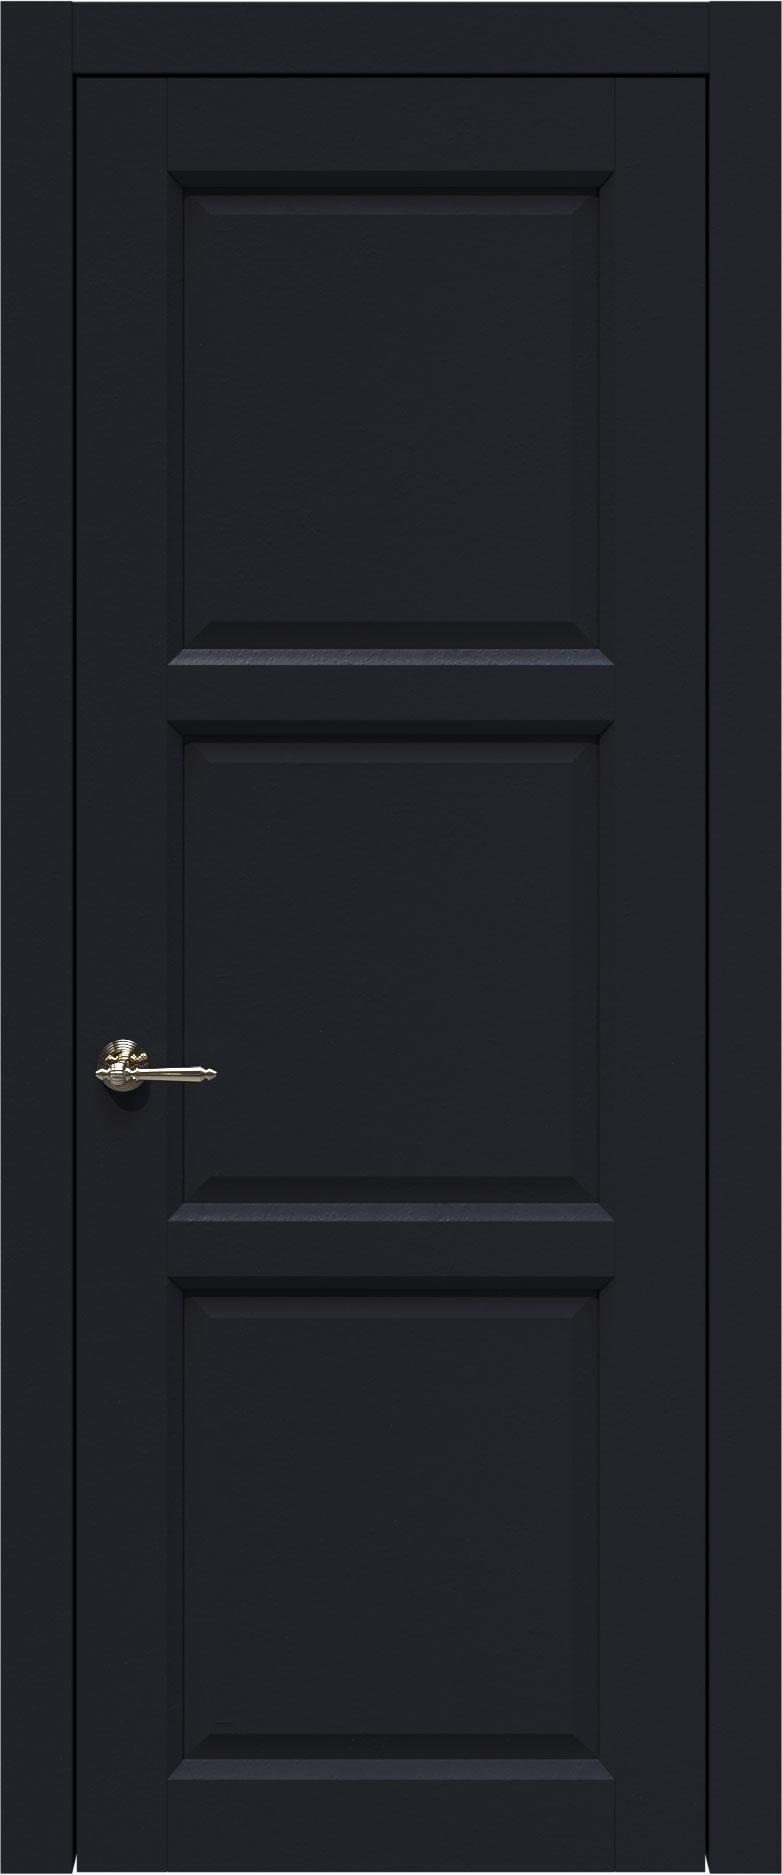 Milano цвет - Черная эмаль (RAL 9004) Без стекла (ДГ)